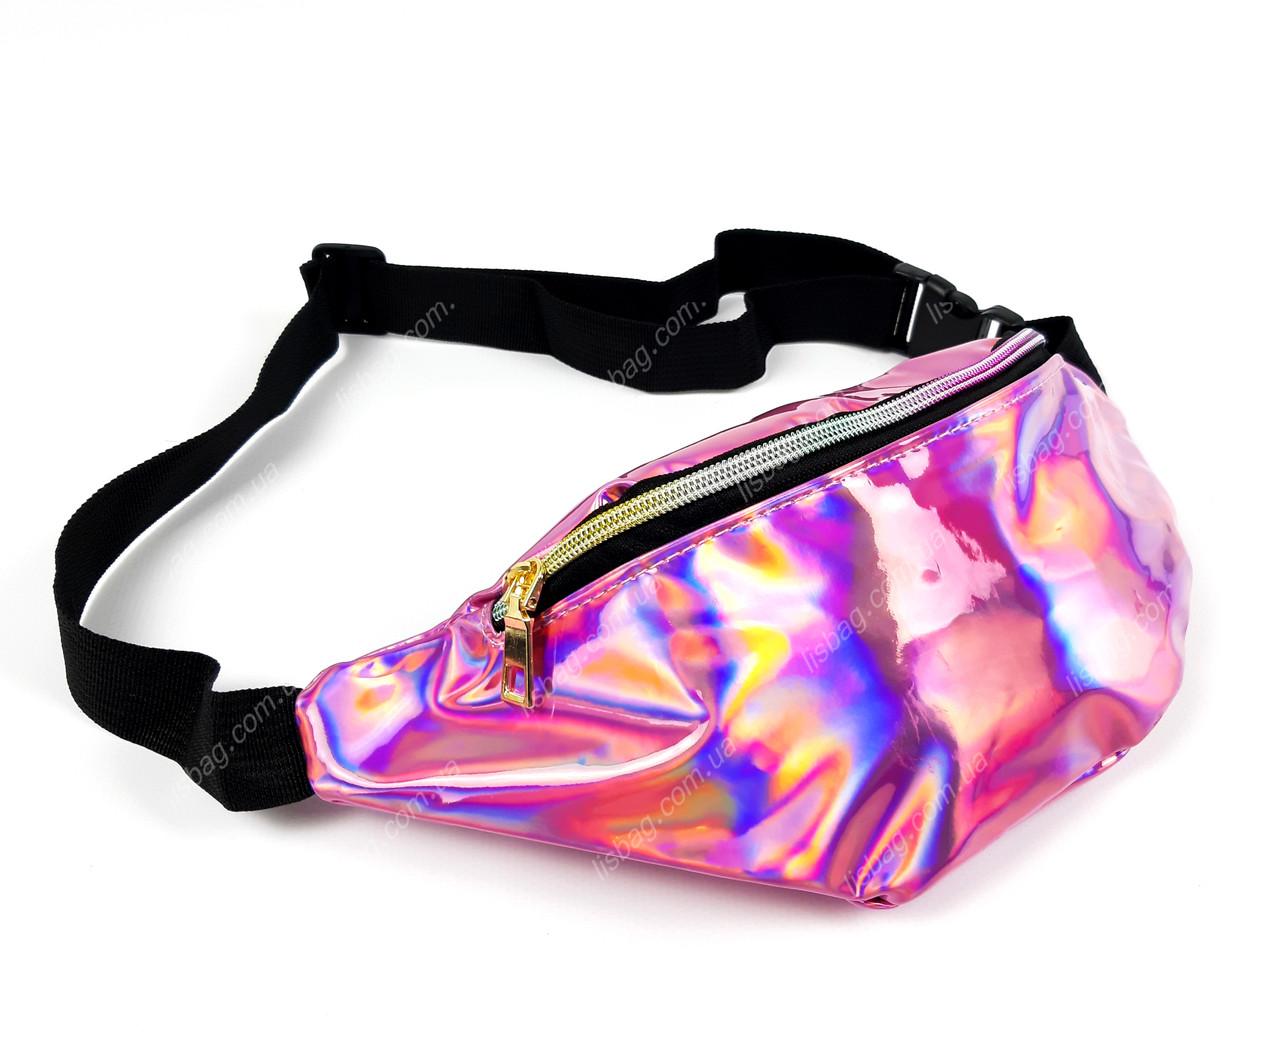 9d7f85ee8a2e Женская поясная сумка голографическая Розового цвета: продажа, цена ...